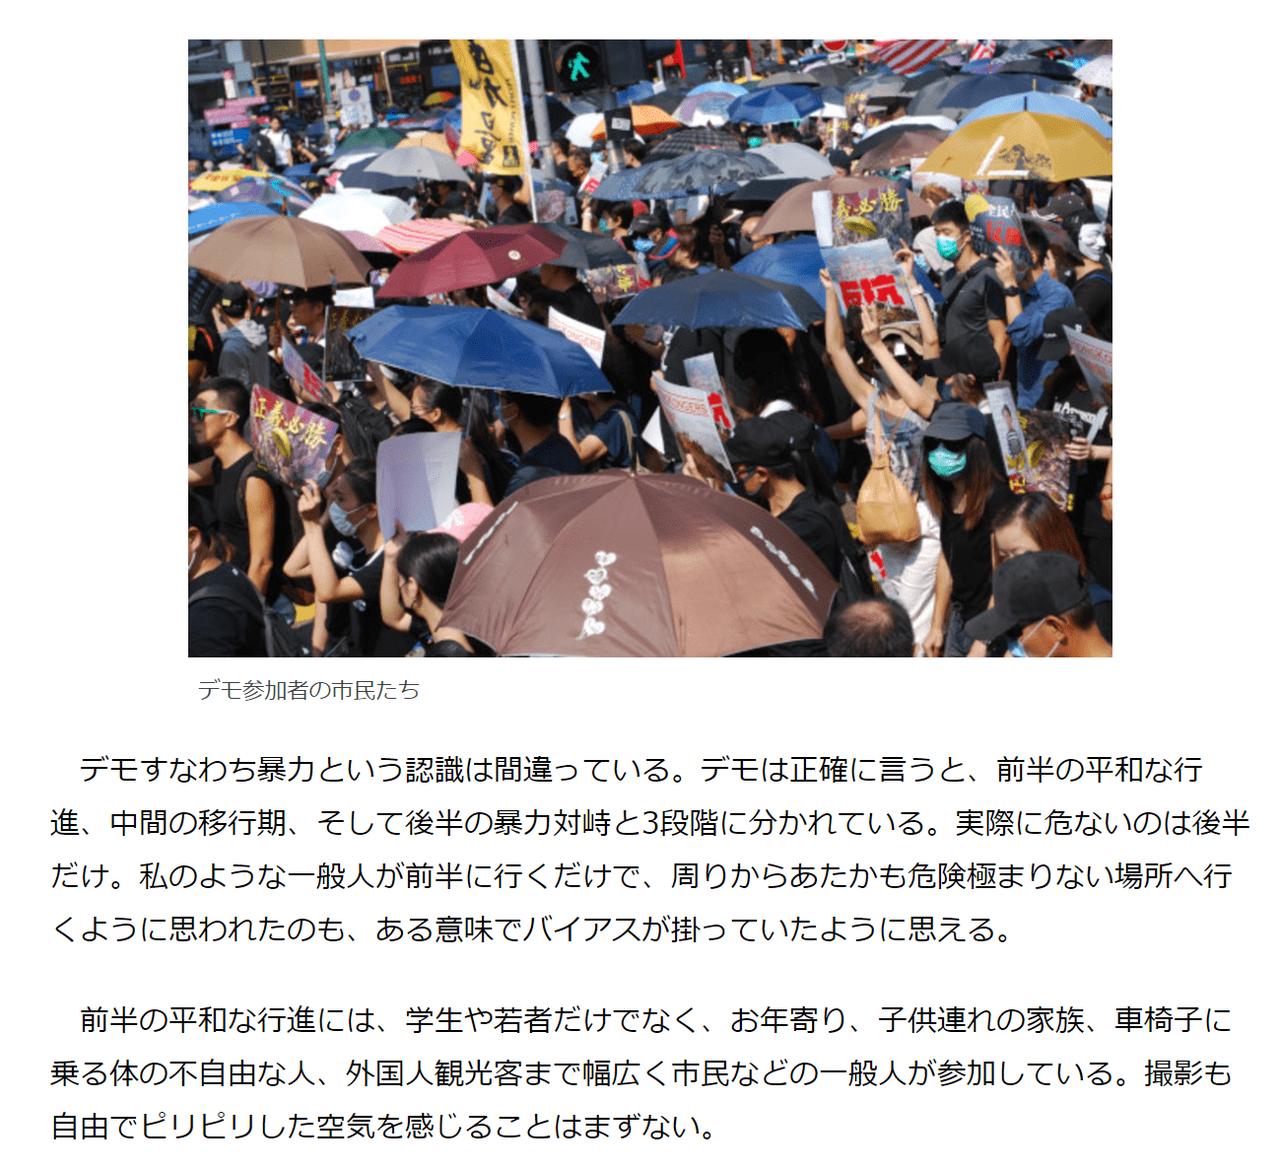 香港デモは暴徒の集まりなのか?現場取材で分かったこと6